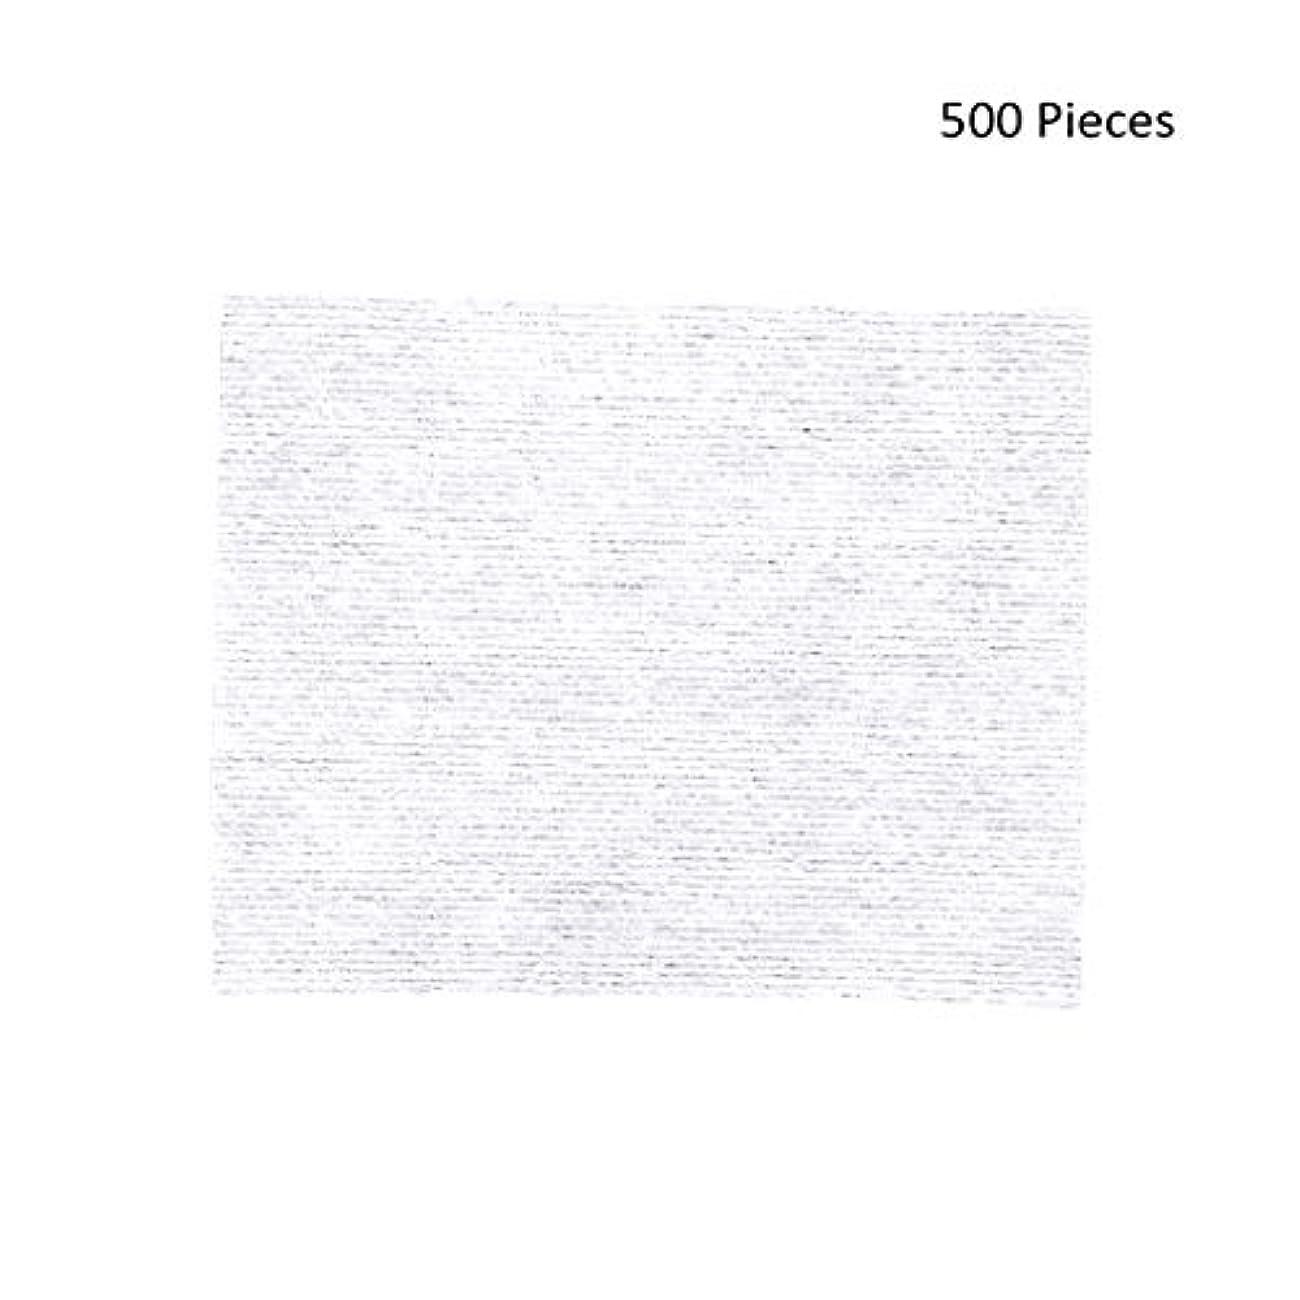 成長する介入する疲労500ピースフェイスメイクアップリムーバーワイプコットンパッドメイクアップリムーバーソフト化粧品フェイスマスククレンジングケアフェイシャルコットンパッド (Color : White, サイズ : 6*5cm)